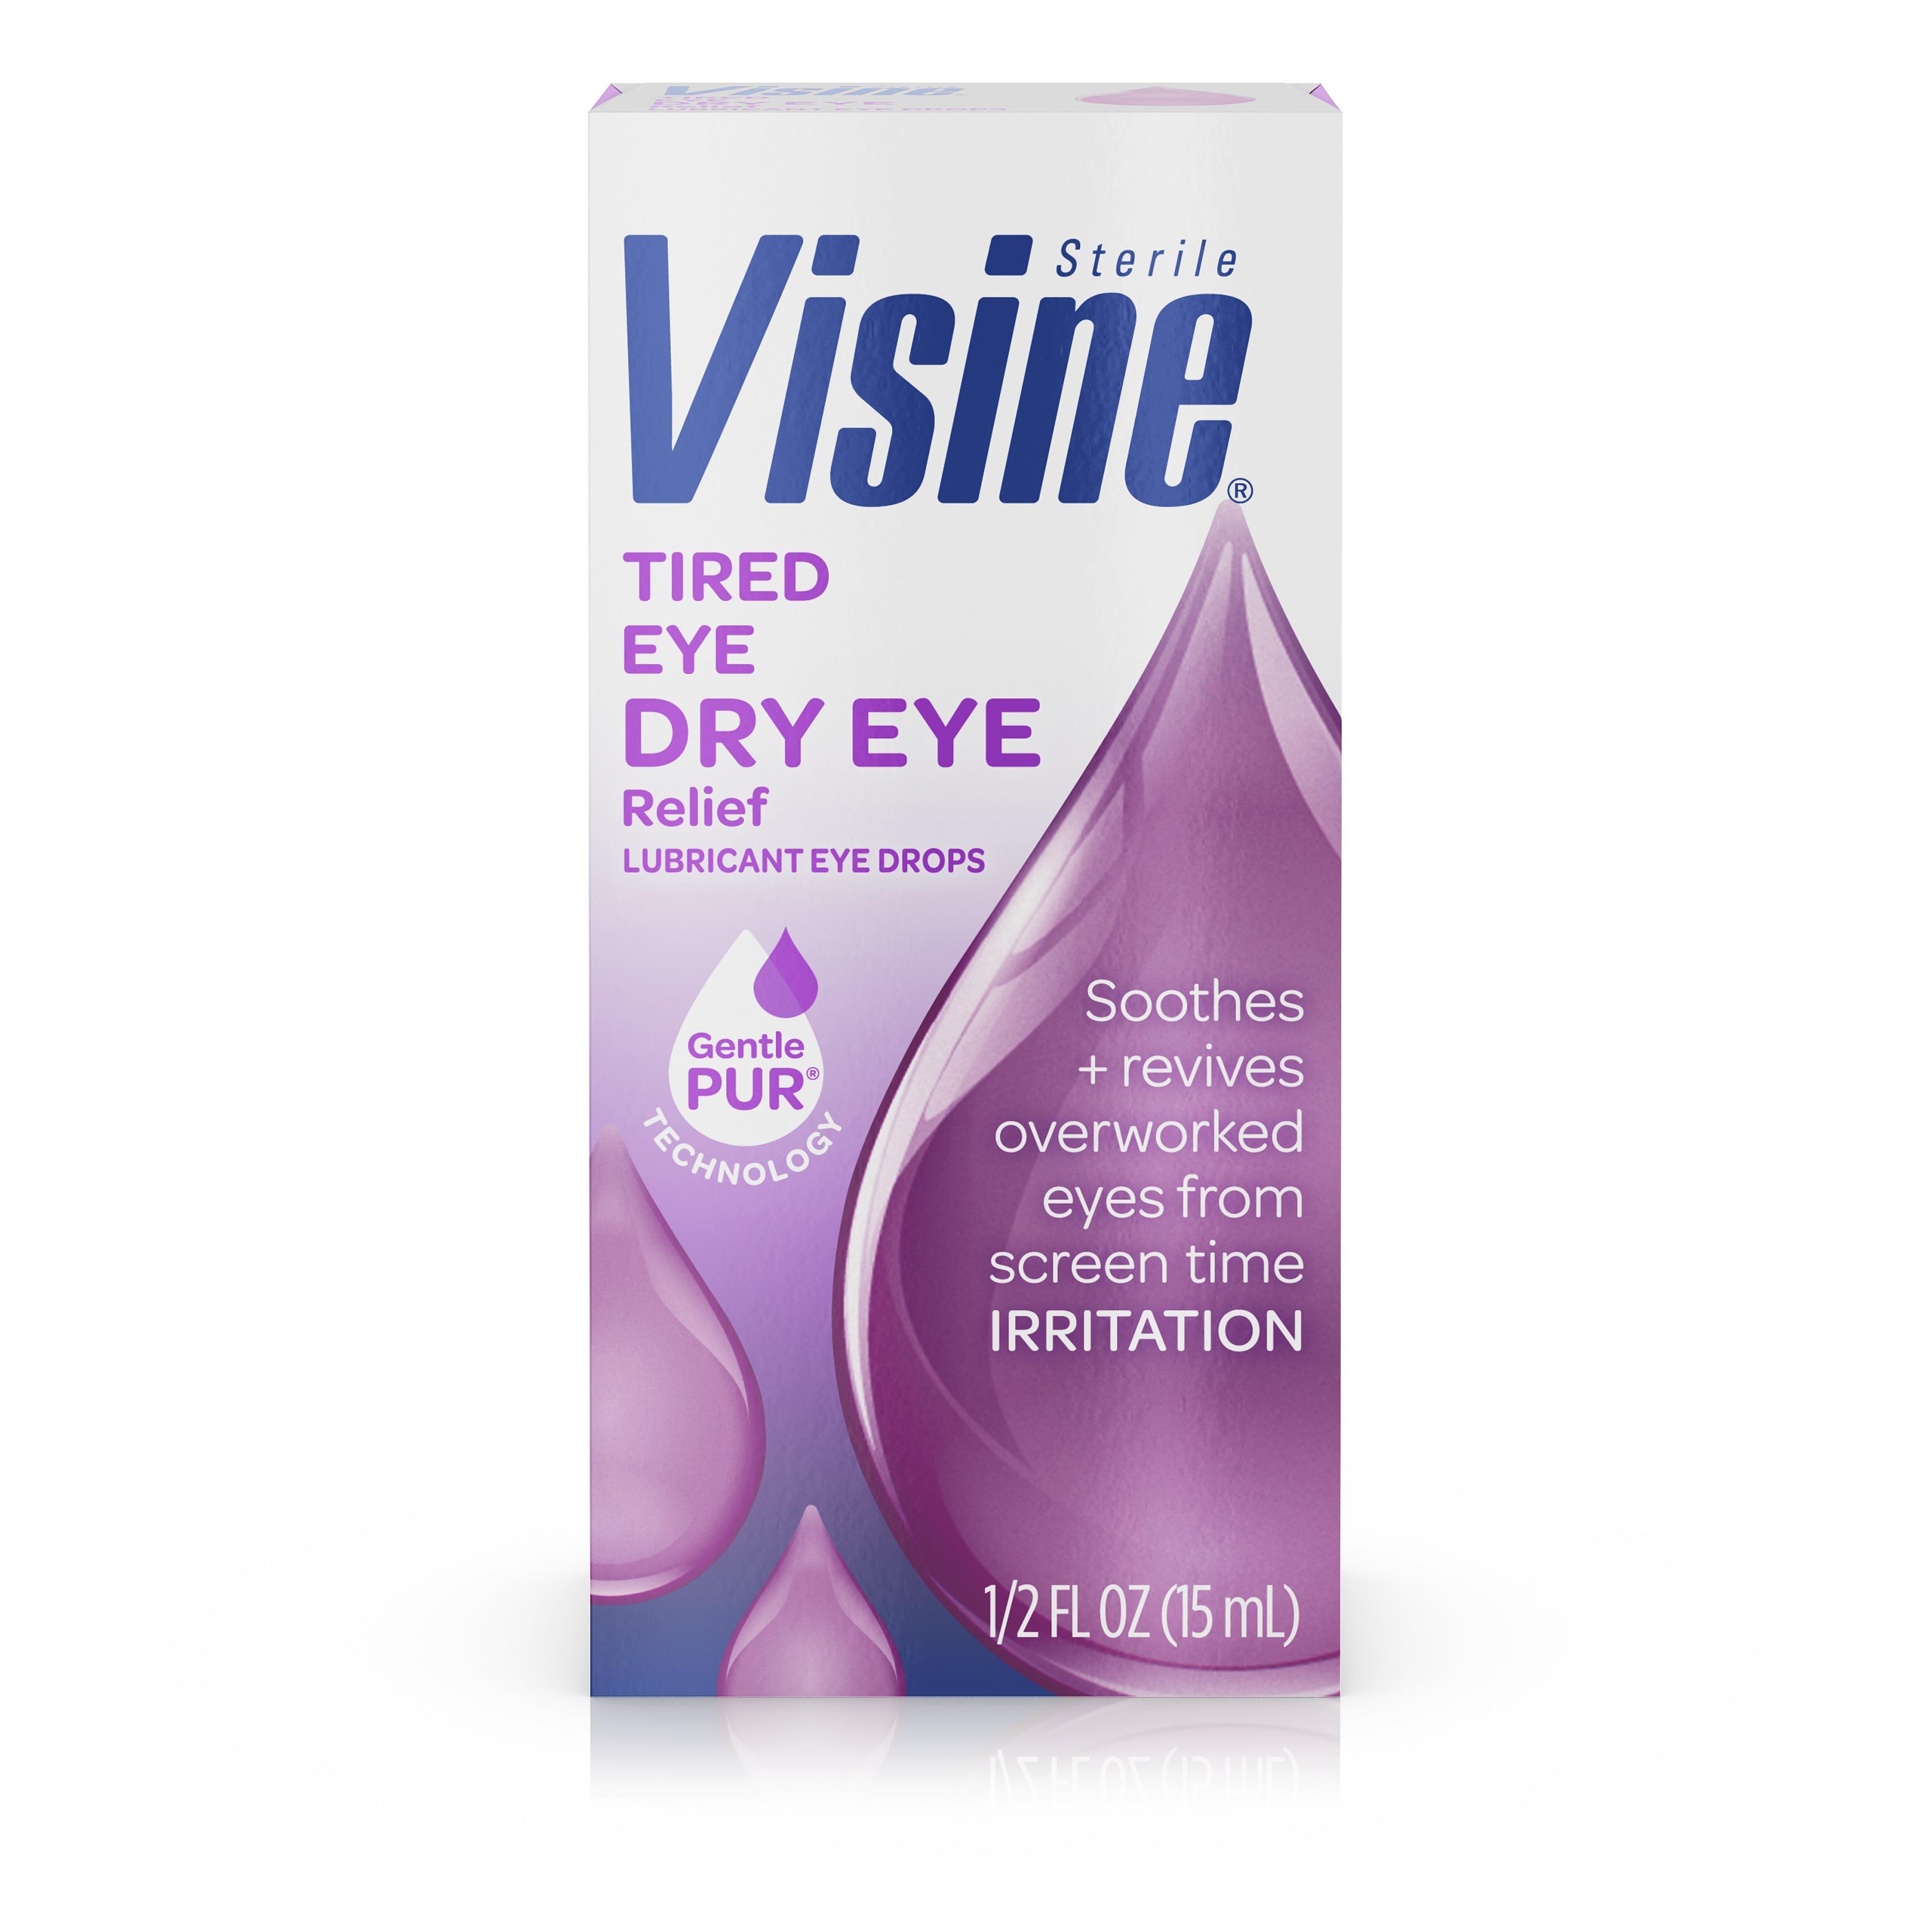 Visine Tired Eye Relief Lubricant Eye Drops, .5 Fl. Oz